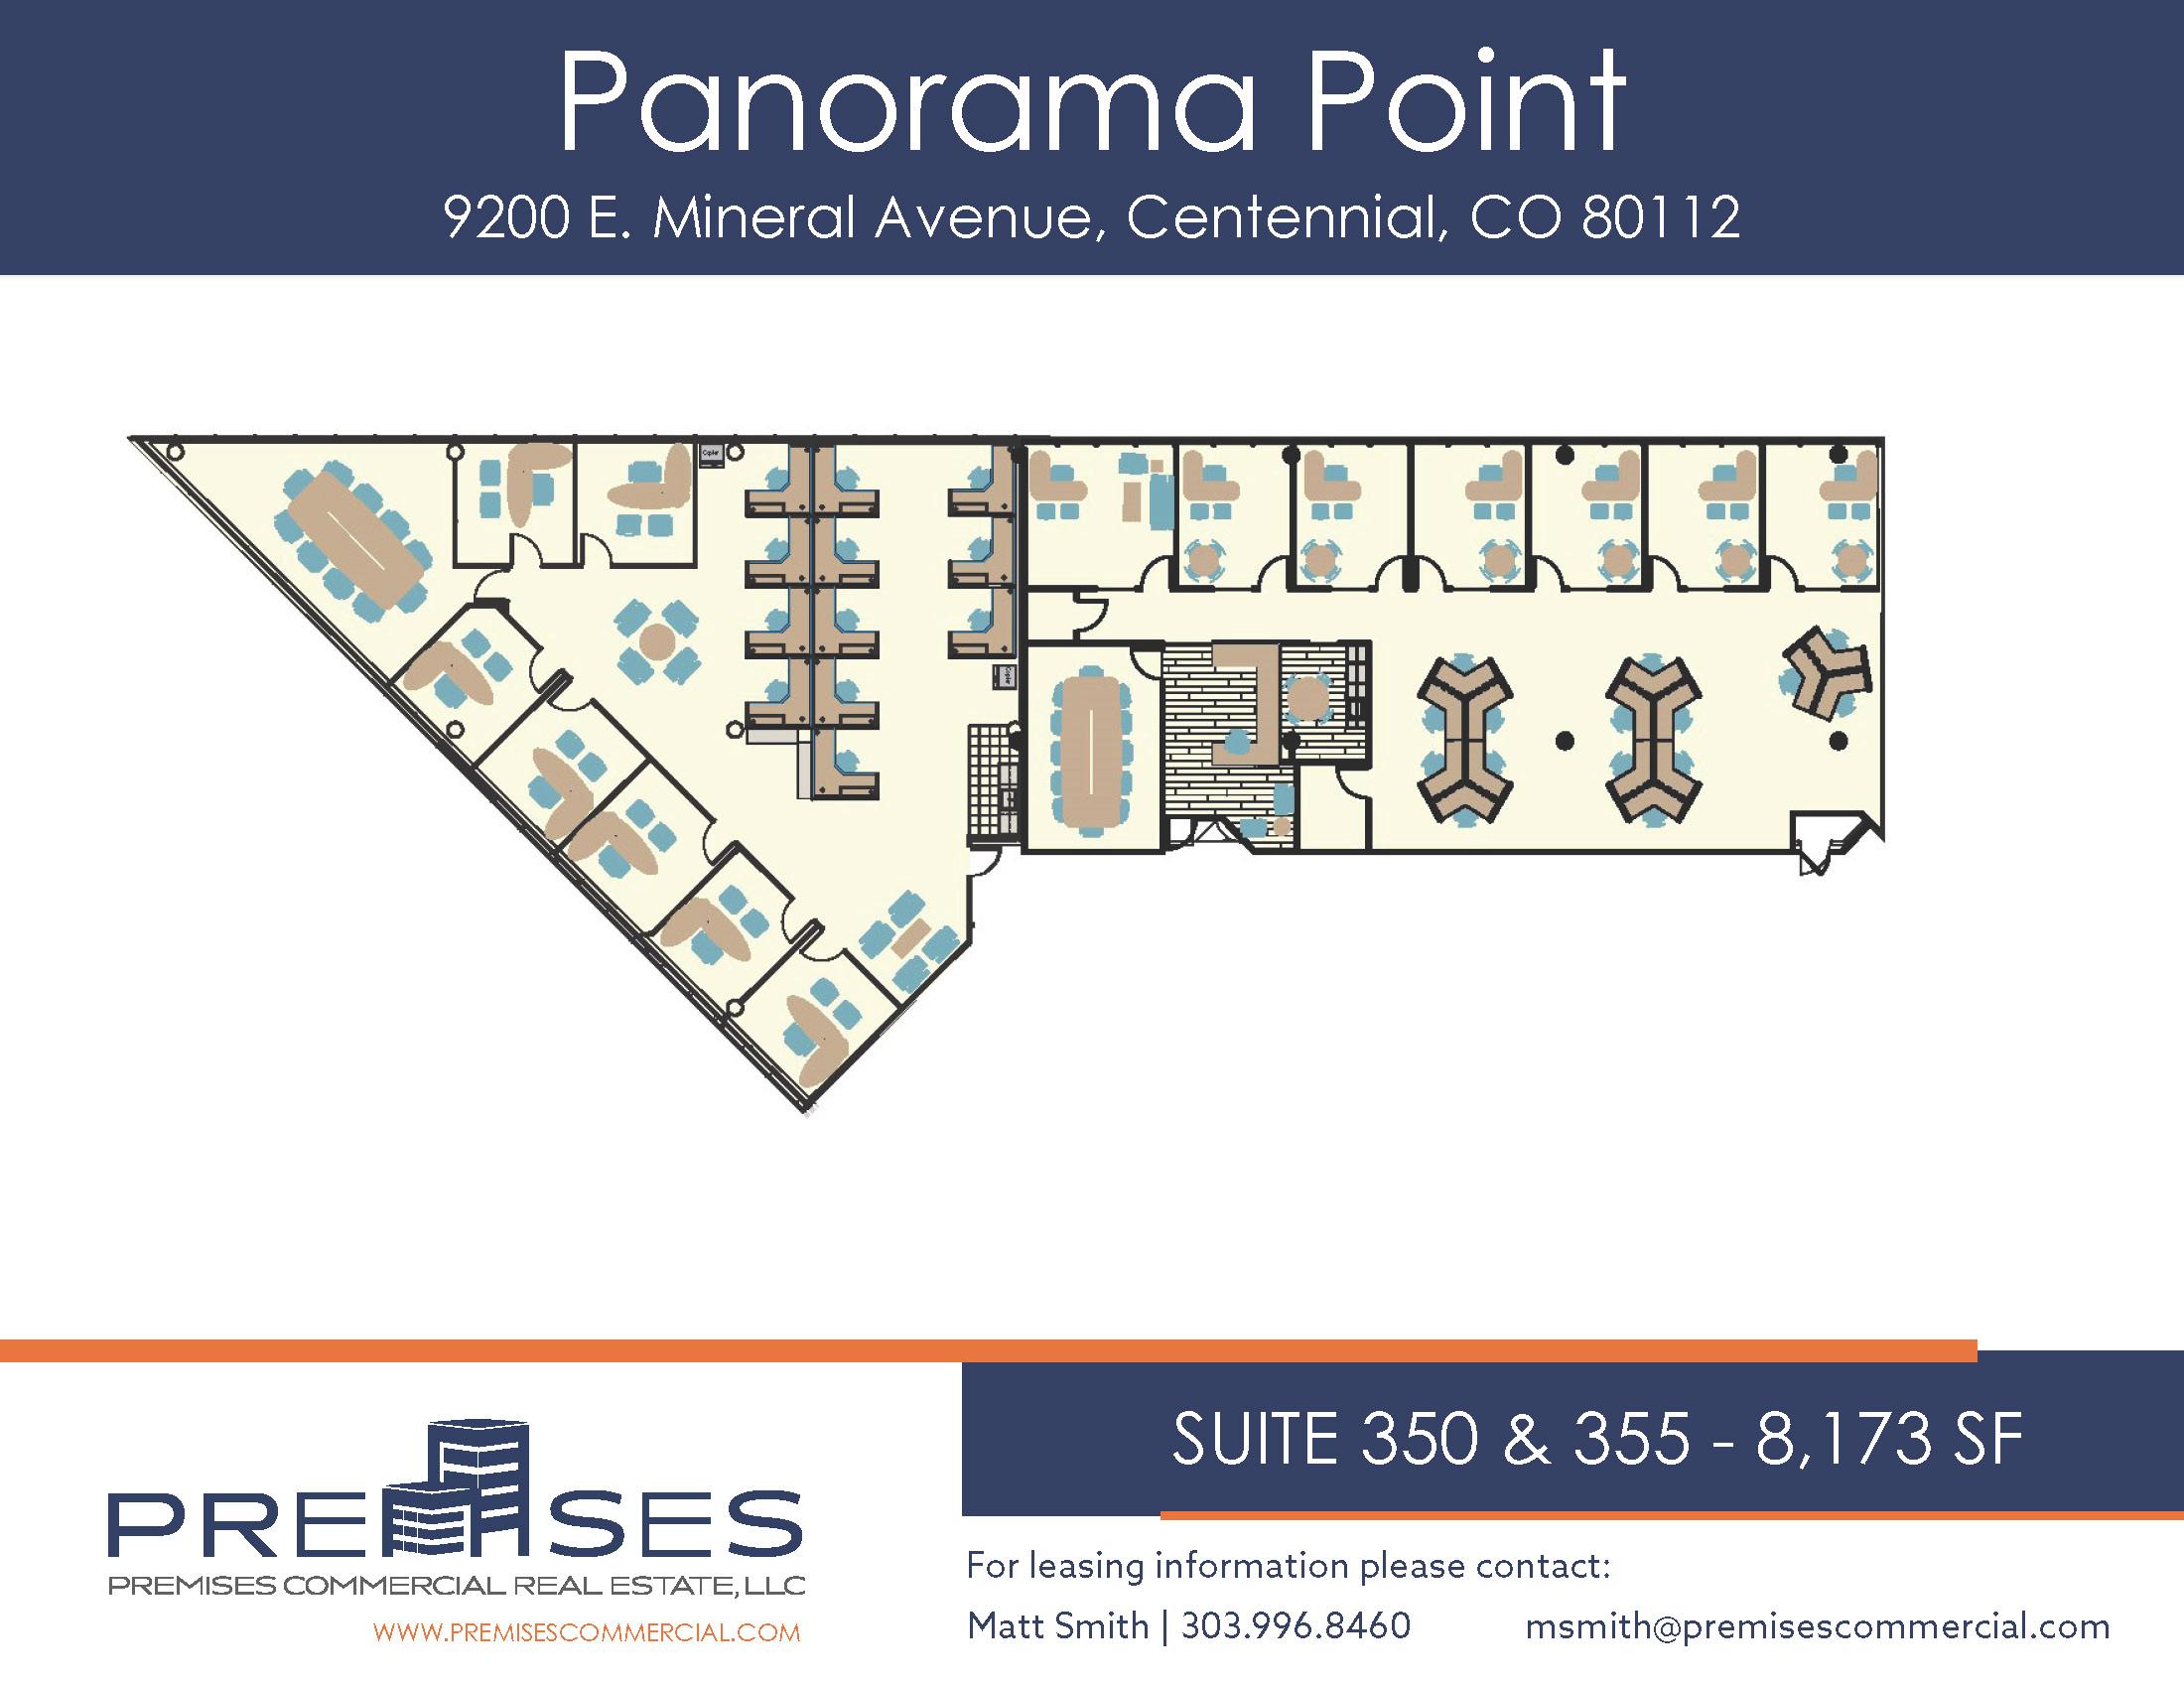 Spec Suite 350 & 355 - 8,173 sf